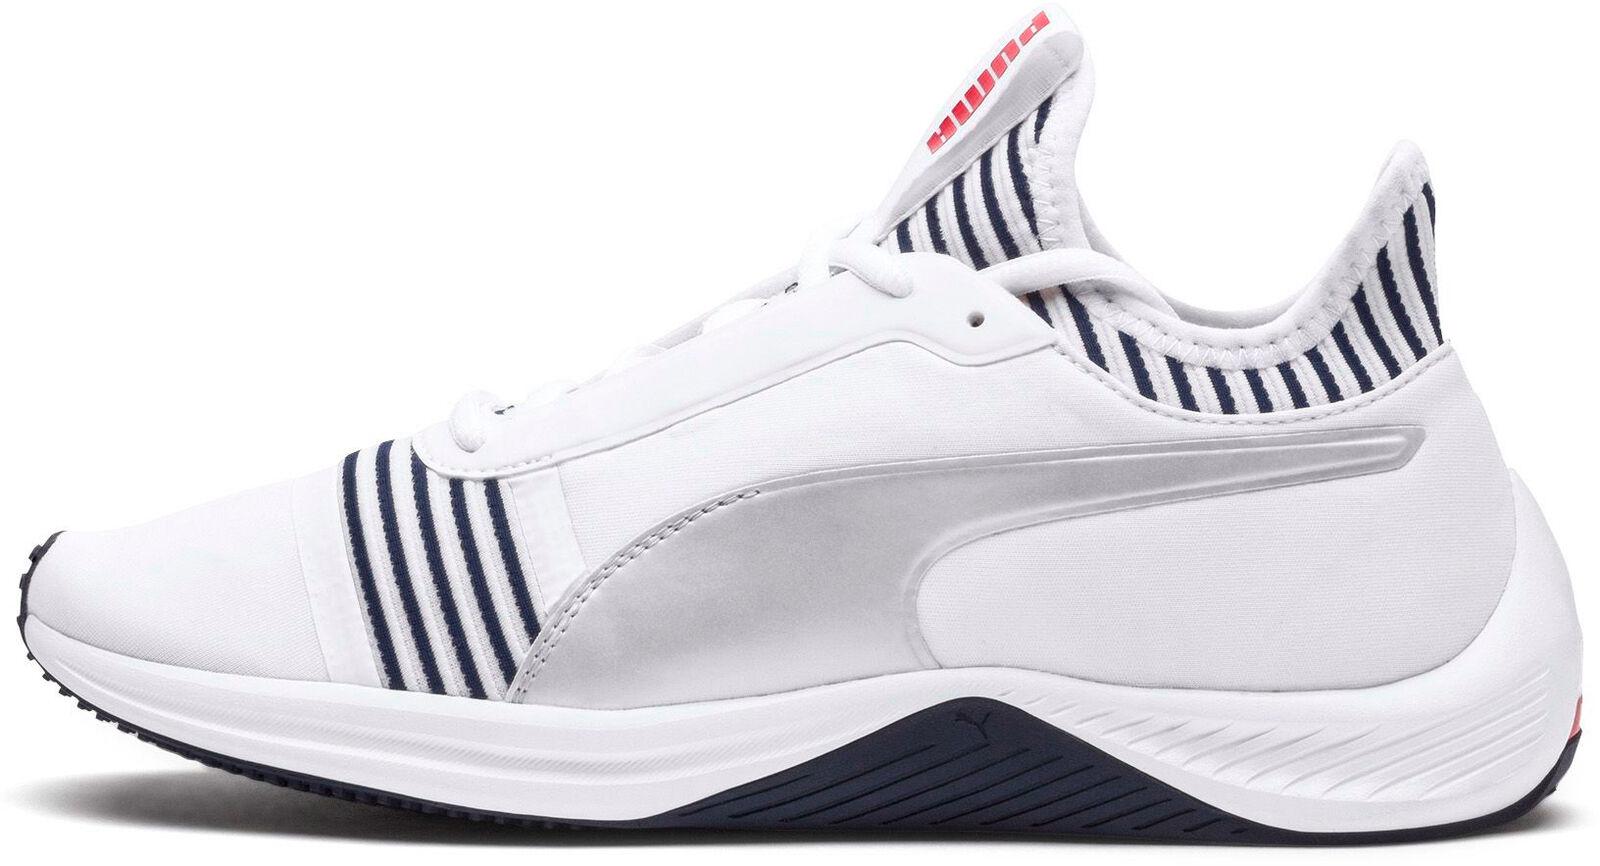 Puma Amp XT Womens Gym Training shoes - White